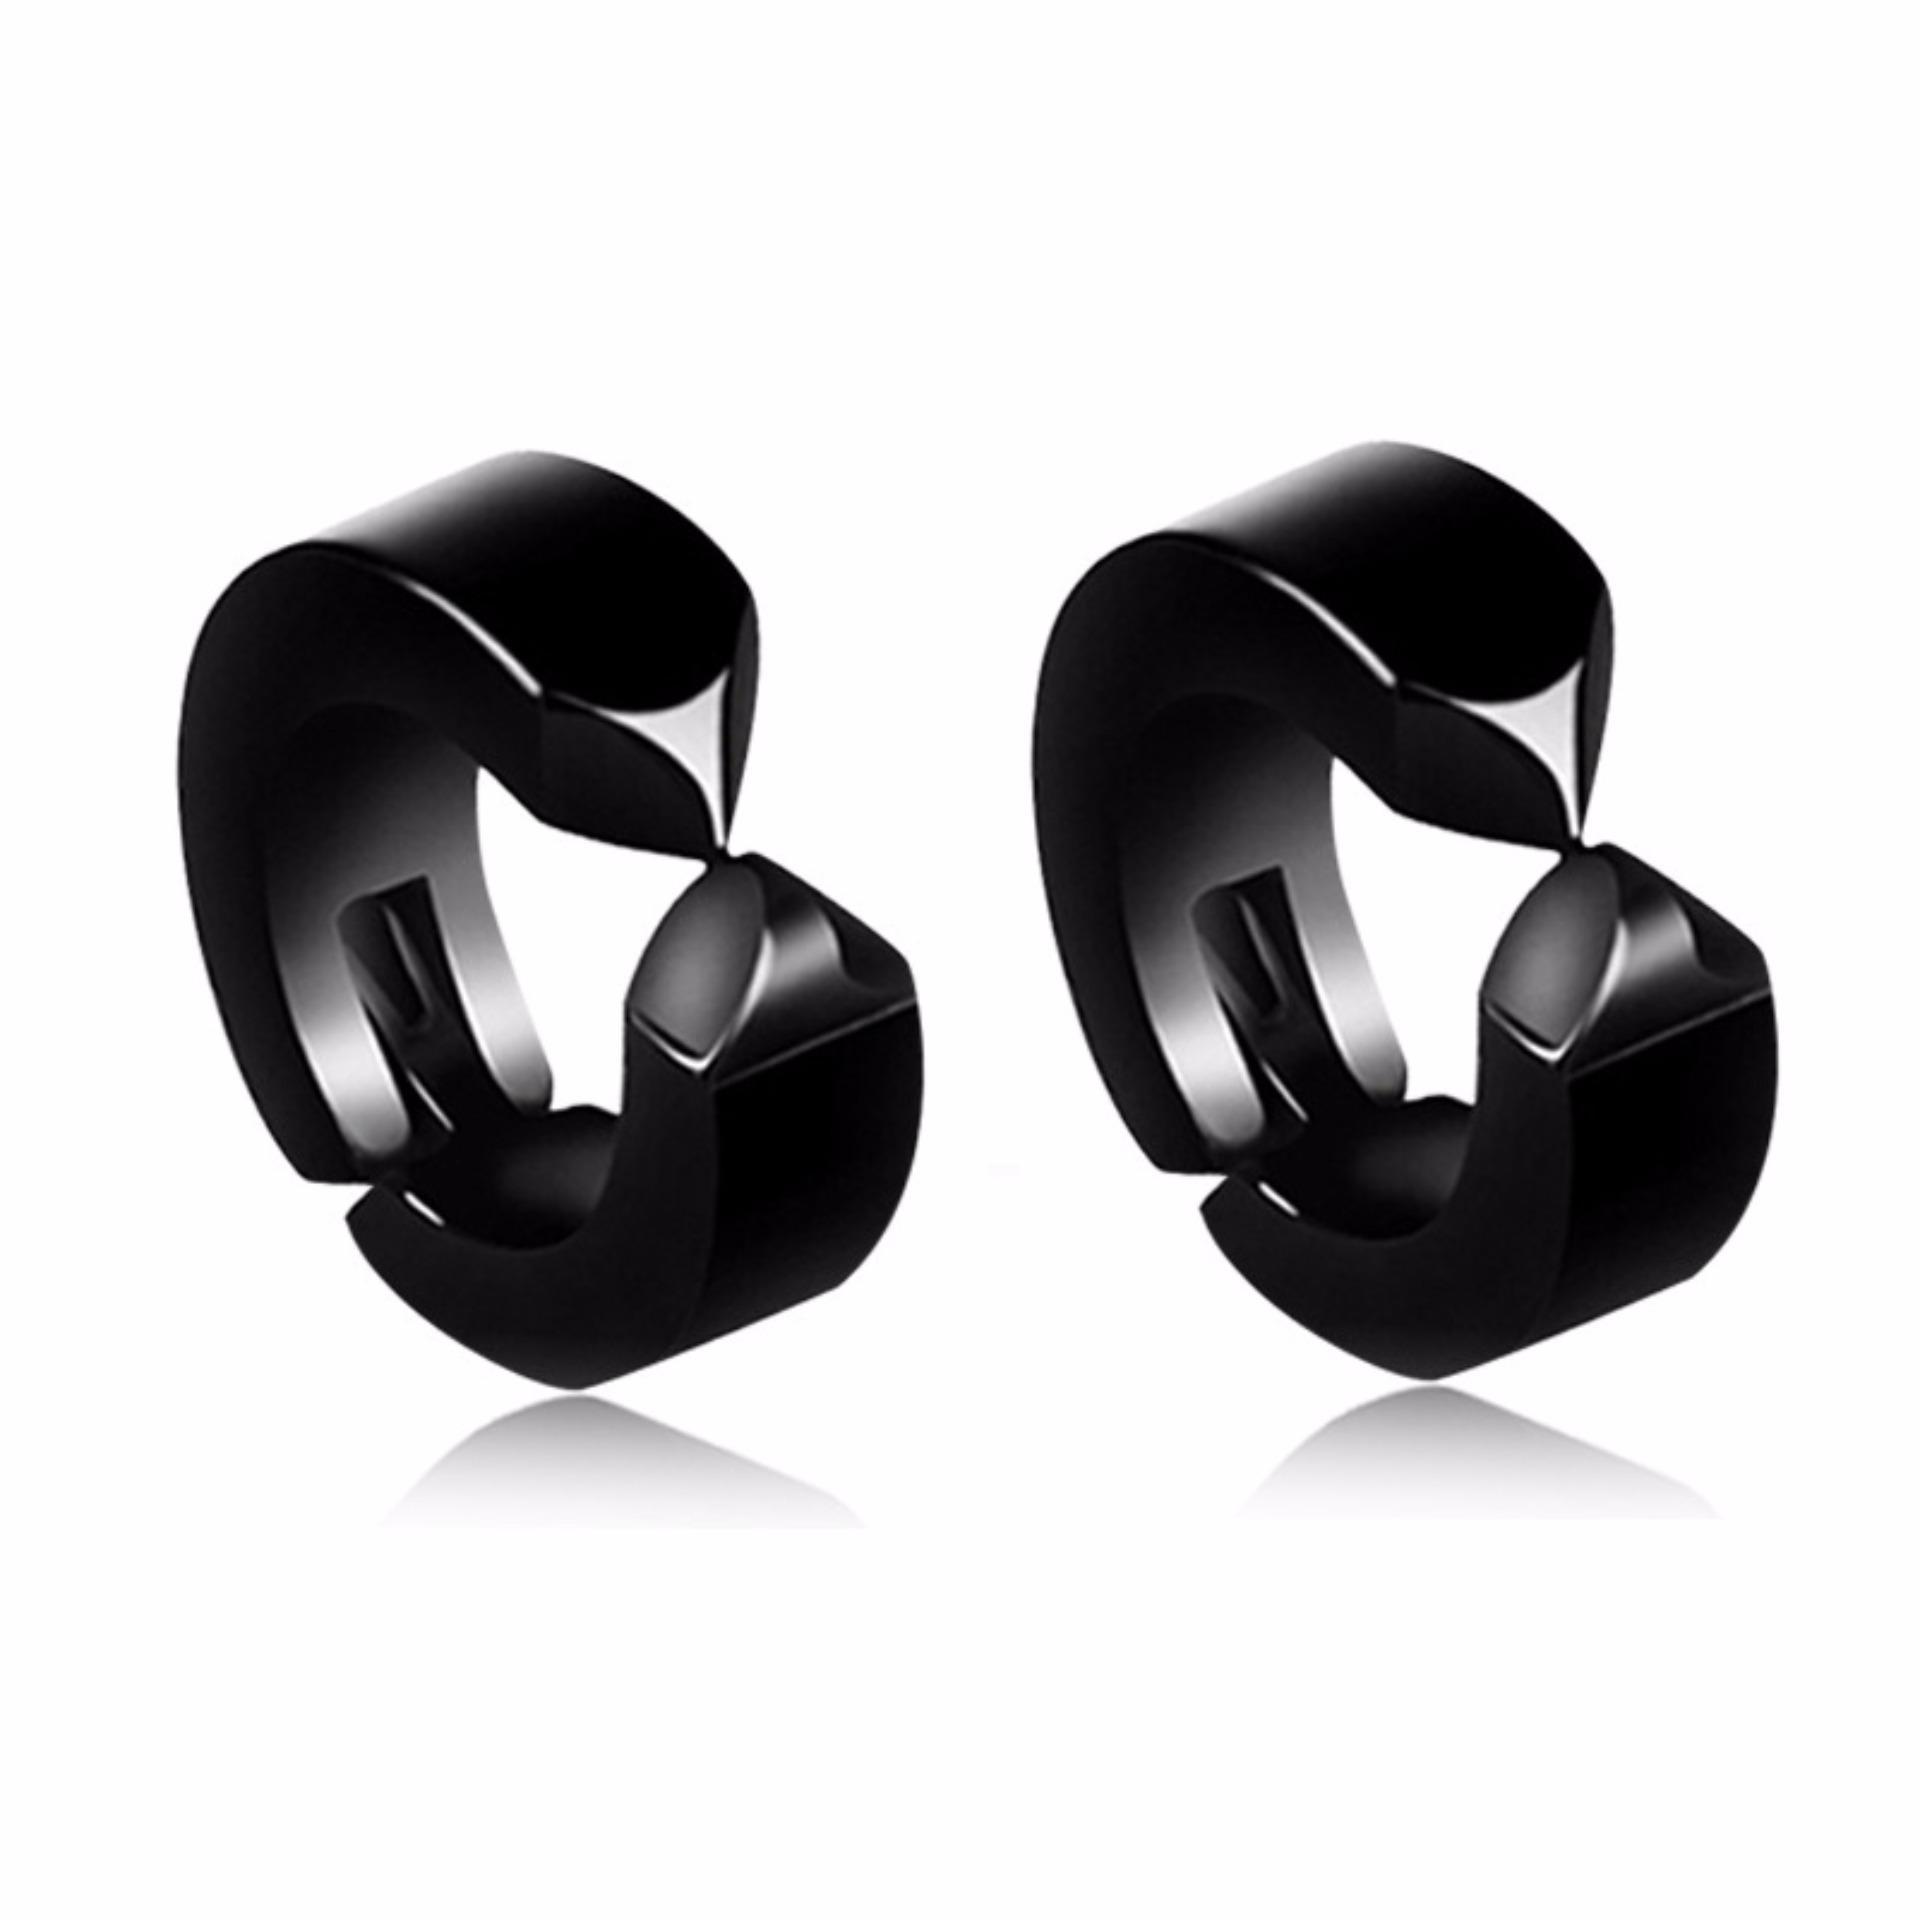 Cập Nhật Giá Bộ 2 bông tai nam khoen tròn đen kẹp không bấm lỗ thời trang